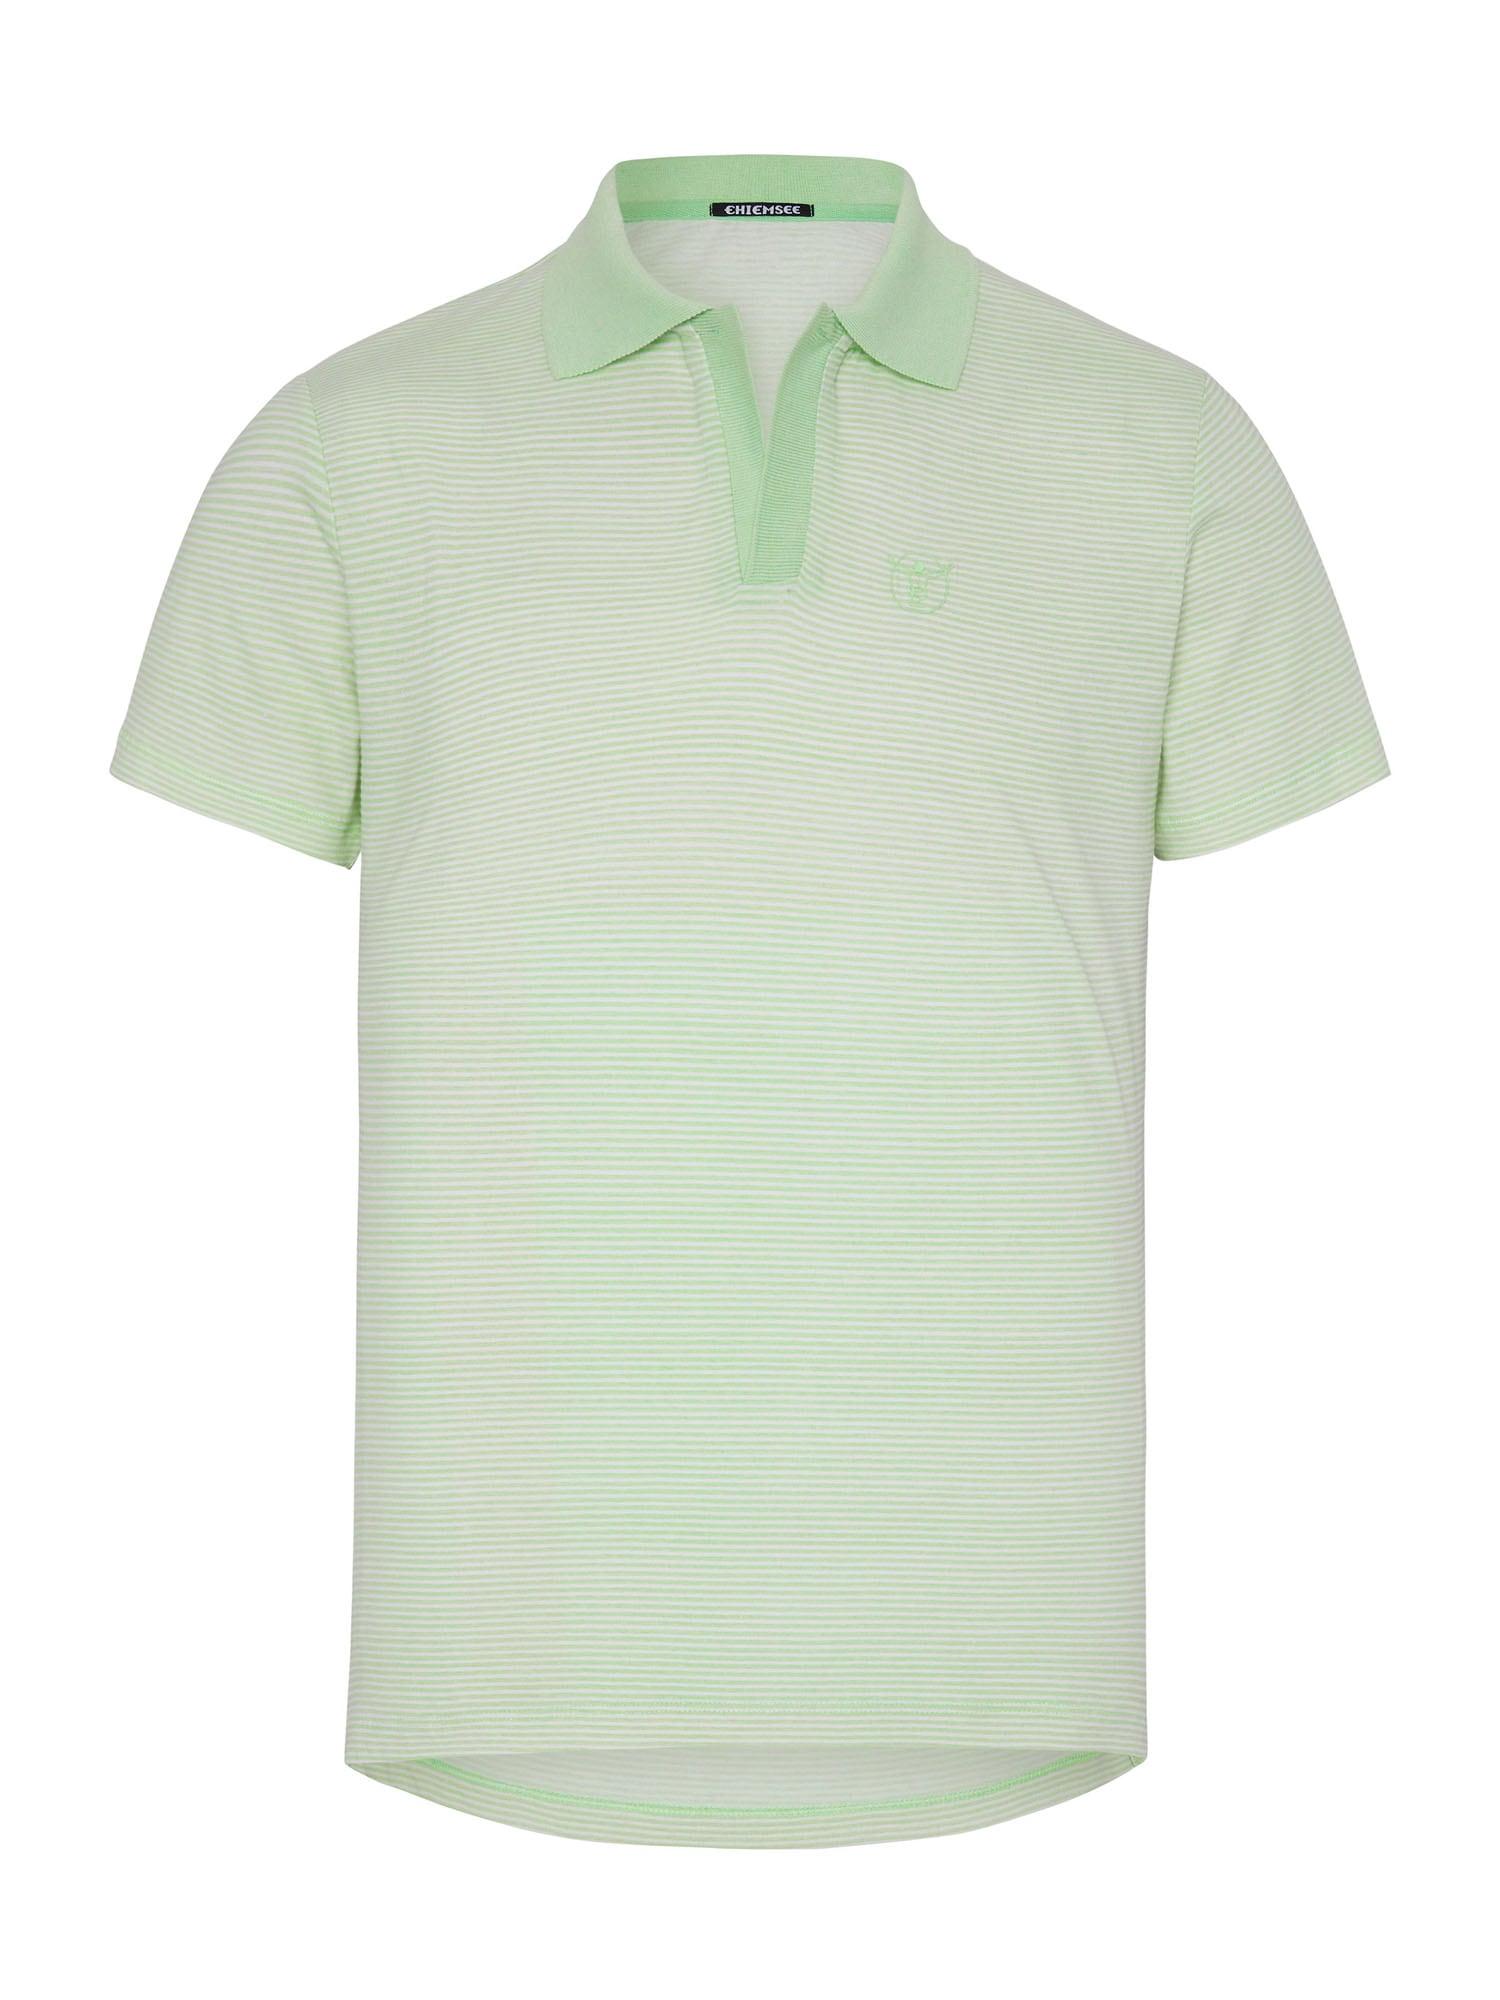 CHIEMSEE Sportiniai marškinėliai balta / šviesiai žalia